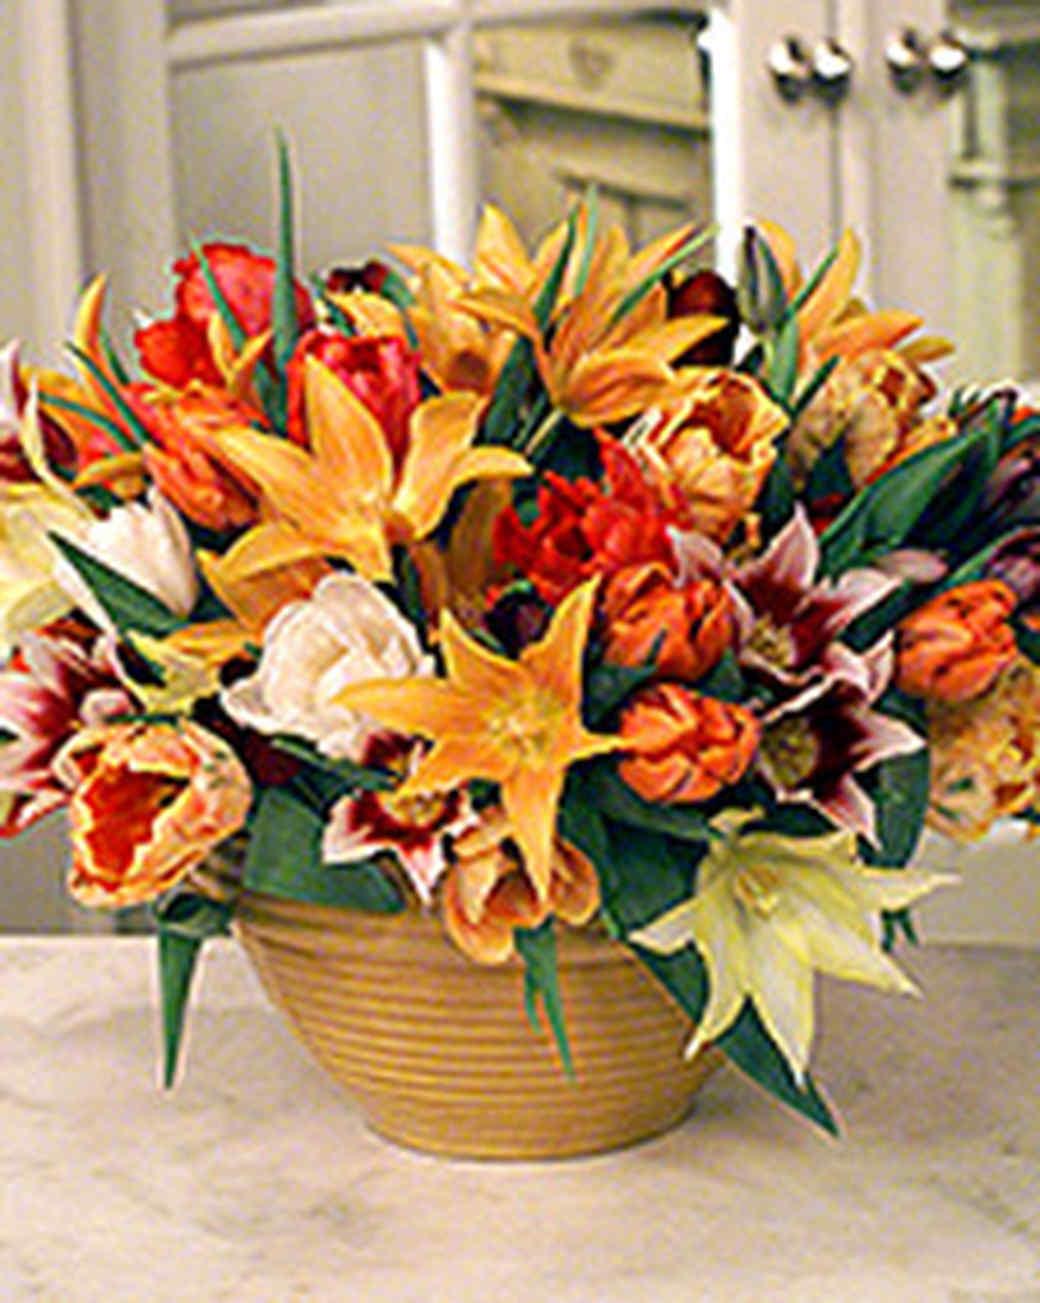 Arranging Tulips